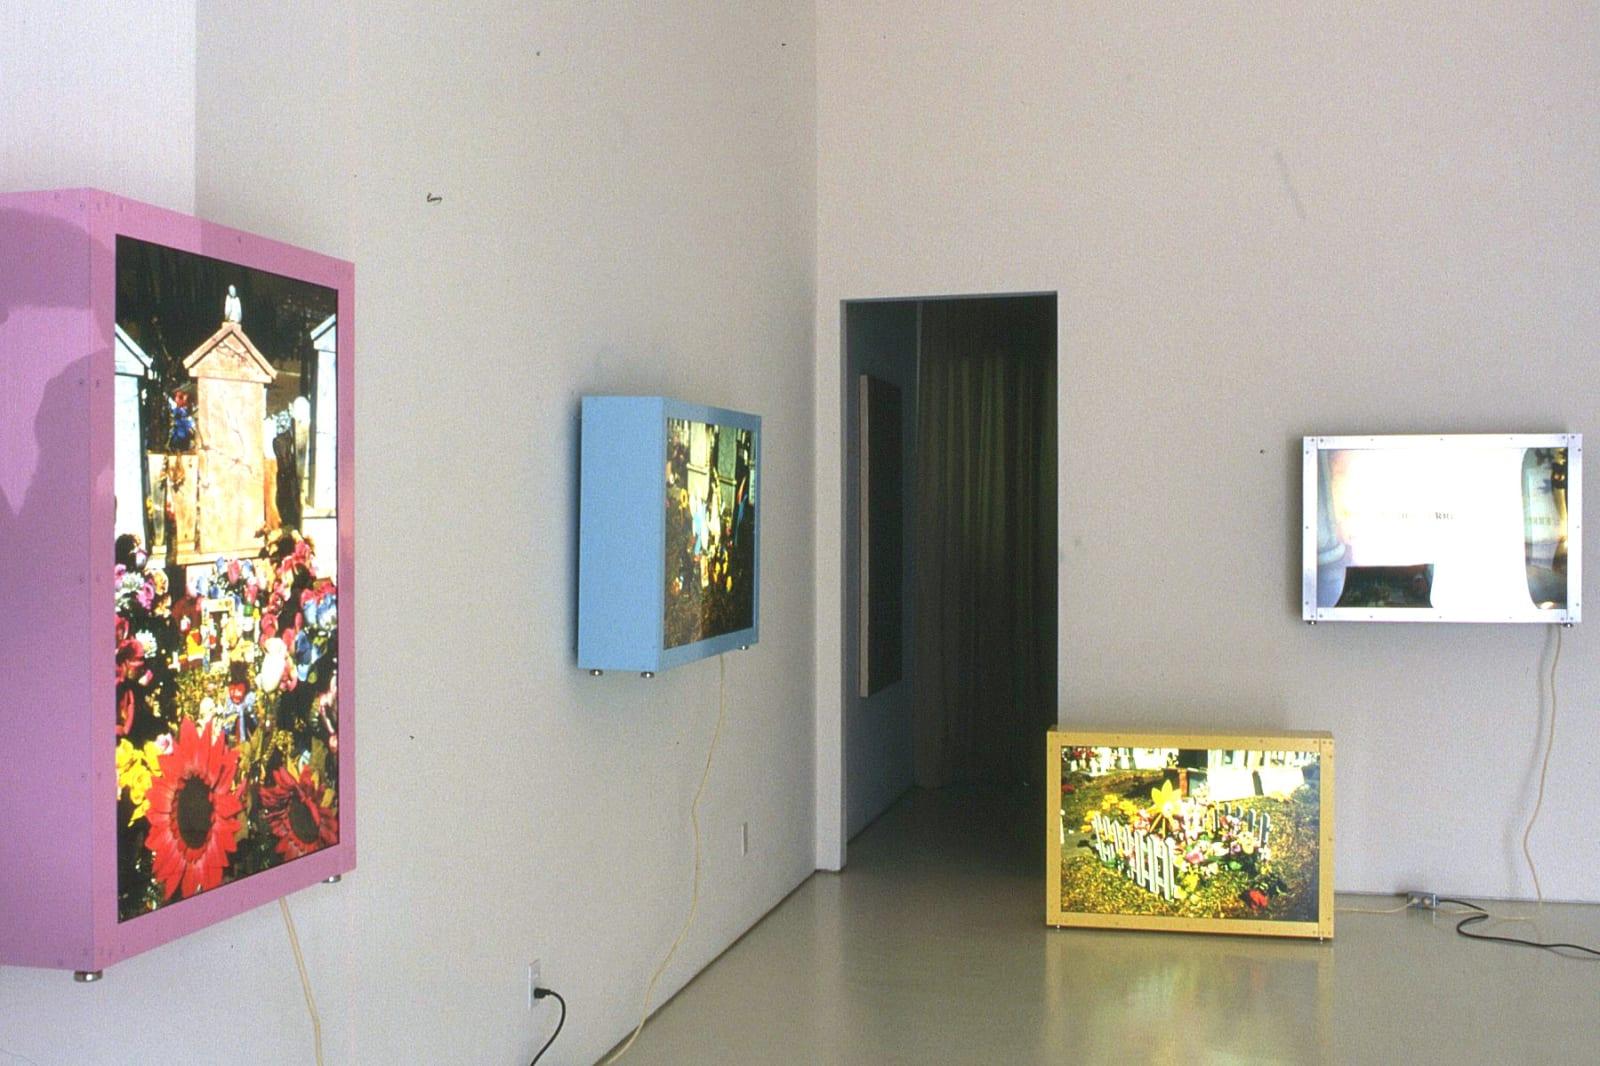 Marcos Ramirez ERRE | Garden of Angels/Jardin de Angeles